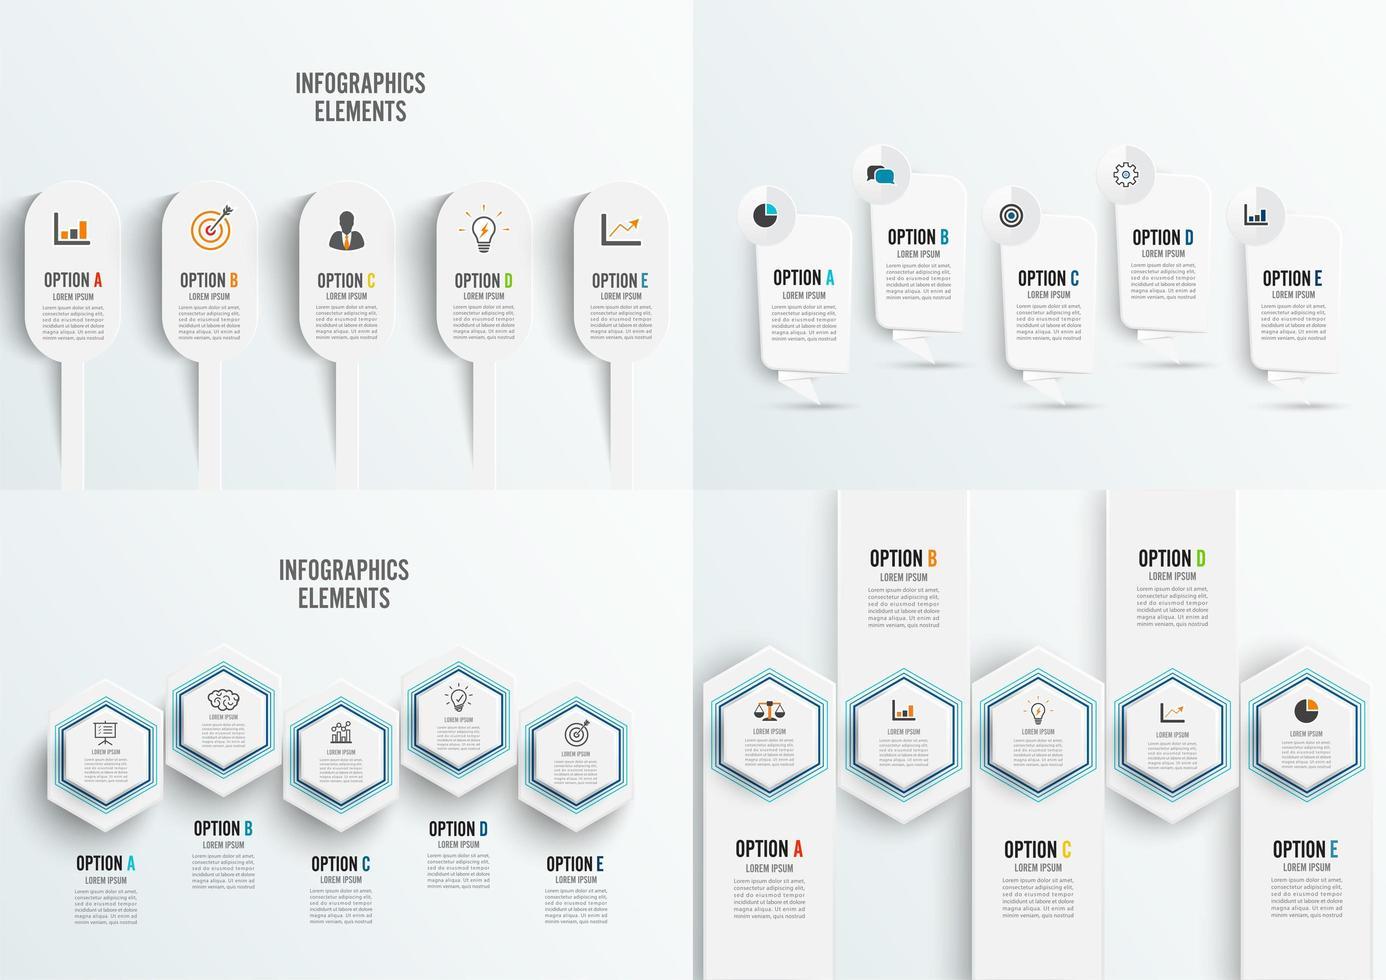 Definir modelo de infográfico de 5 opções com etiquetas de papel 3D, círculos integrados vetor